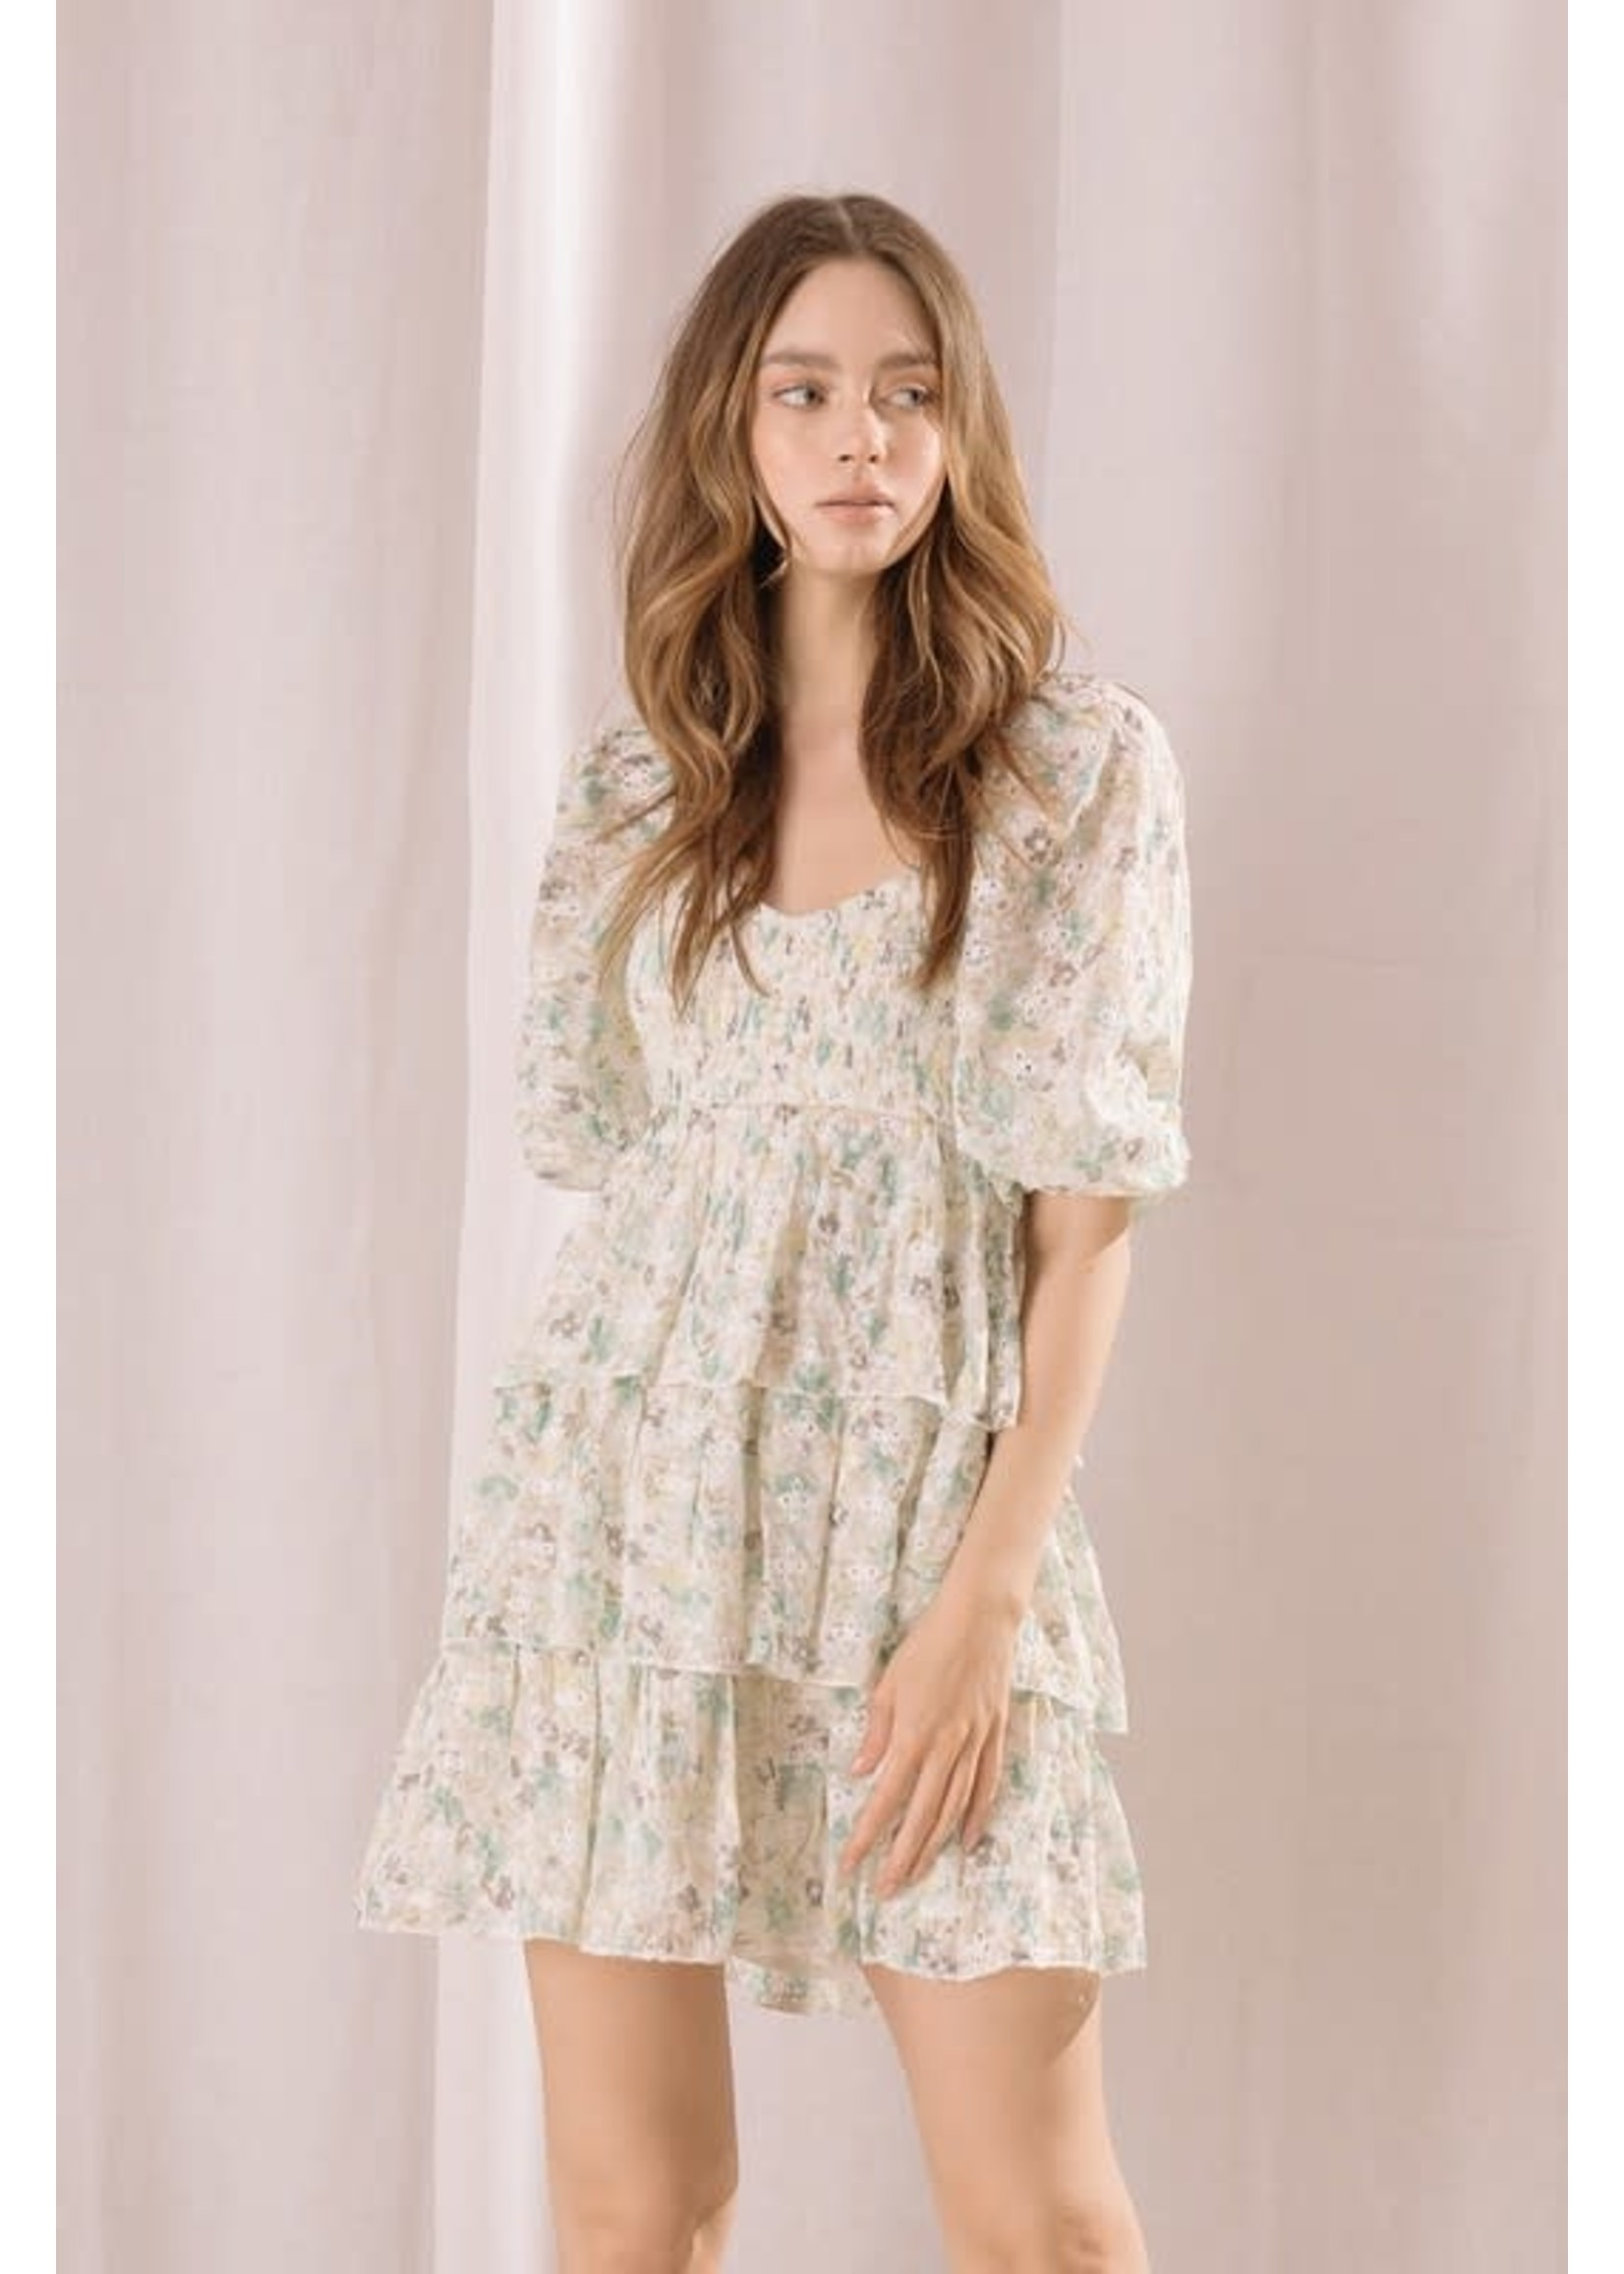 Storia Floral Eyelet Mini Babydoll Dress - JD3155